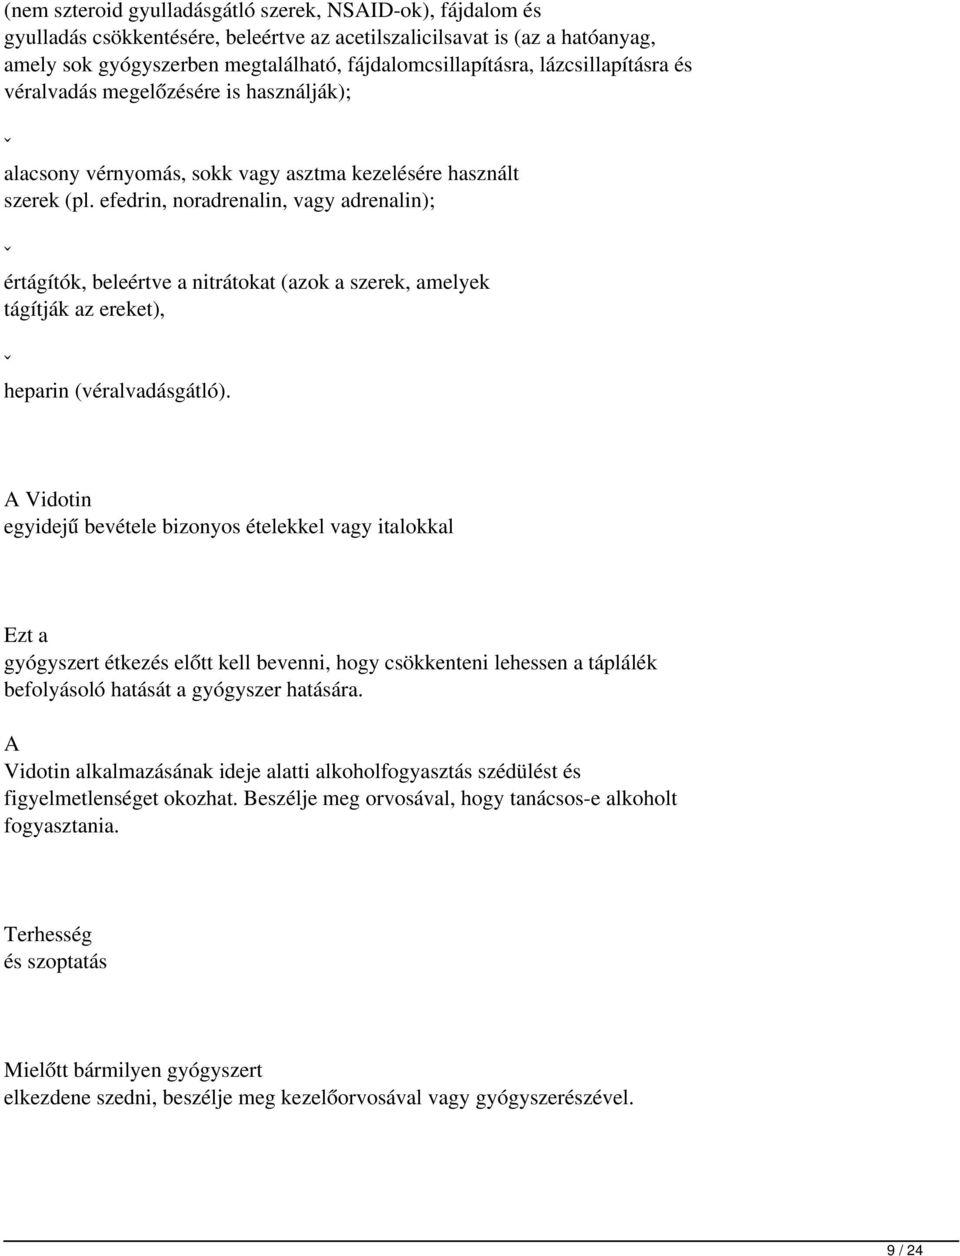 lorista hipertónia kezelése)